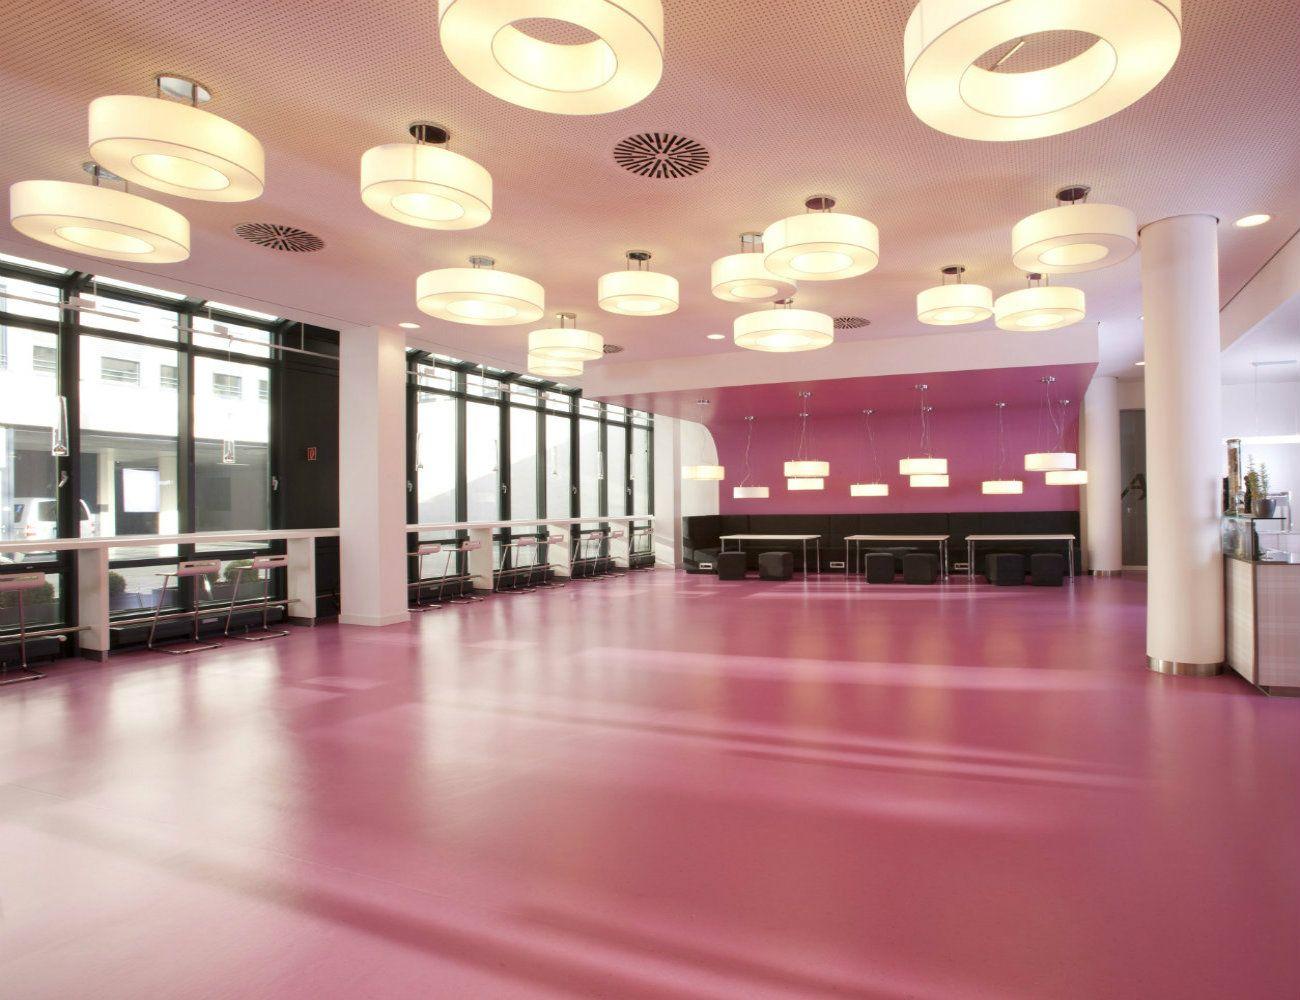 dlw flooring references dlw linoleum in munich staff restaurant - Linoleum Restaurant Interior